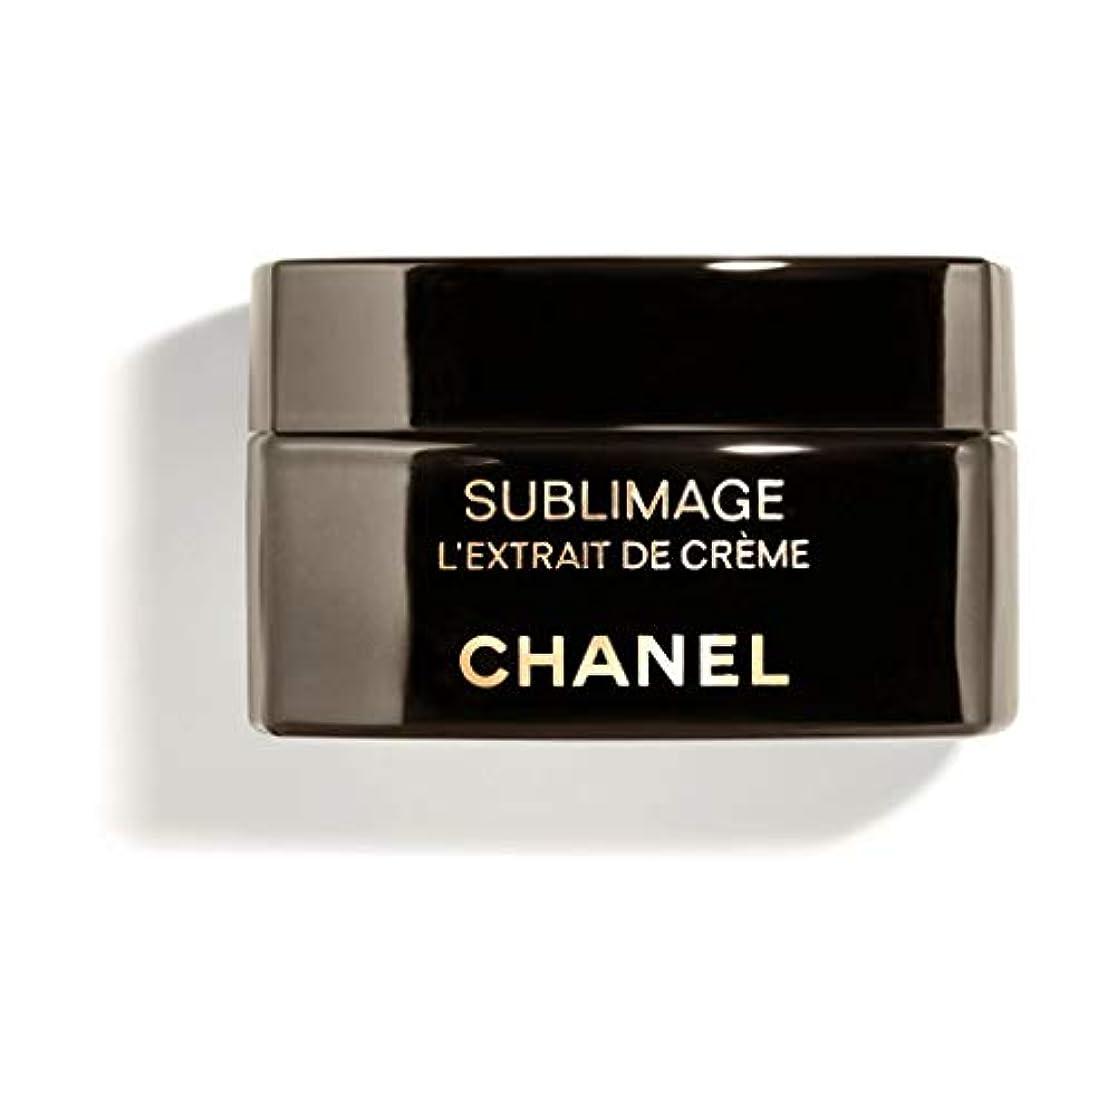 コーデリア欠員開示するCHANEL(シャネル) SUBLIMAGE L EXTRAIT DE CREME サブリマージュ レクストレ ドゥ クレーム 50g